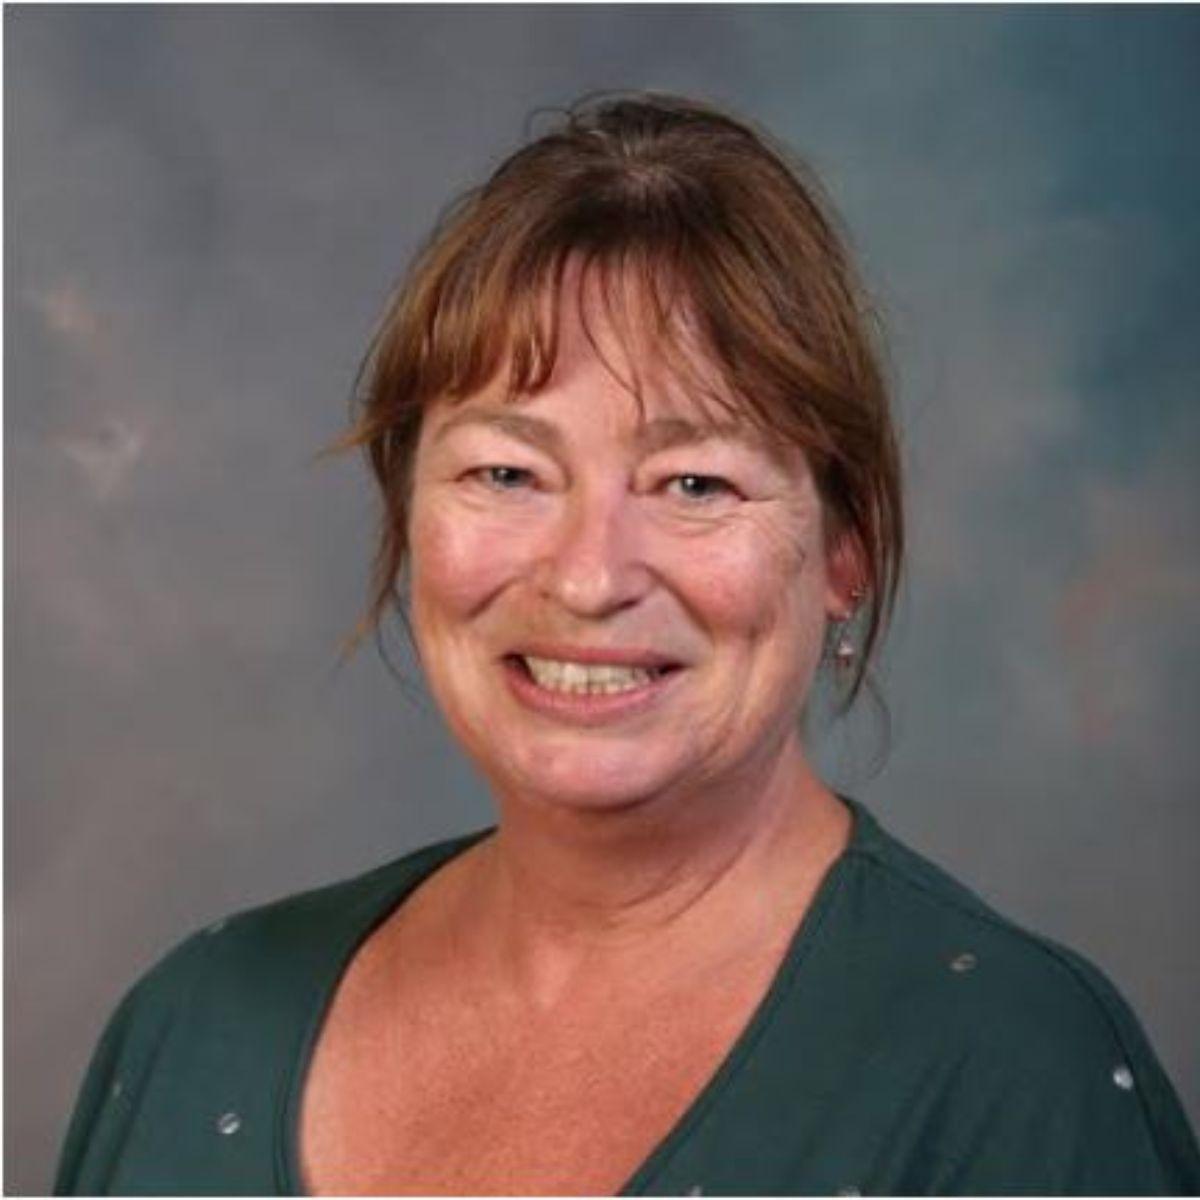 Ms S. Kavanagh